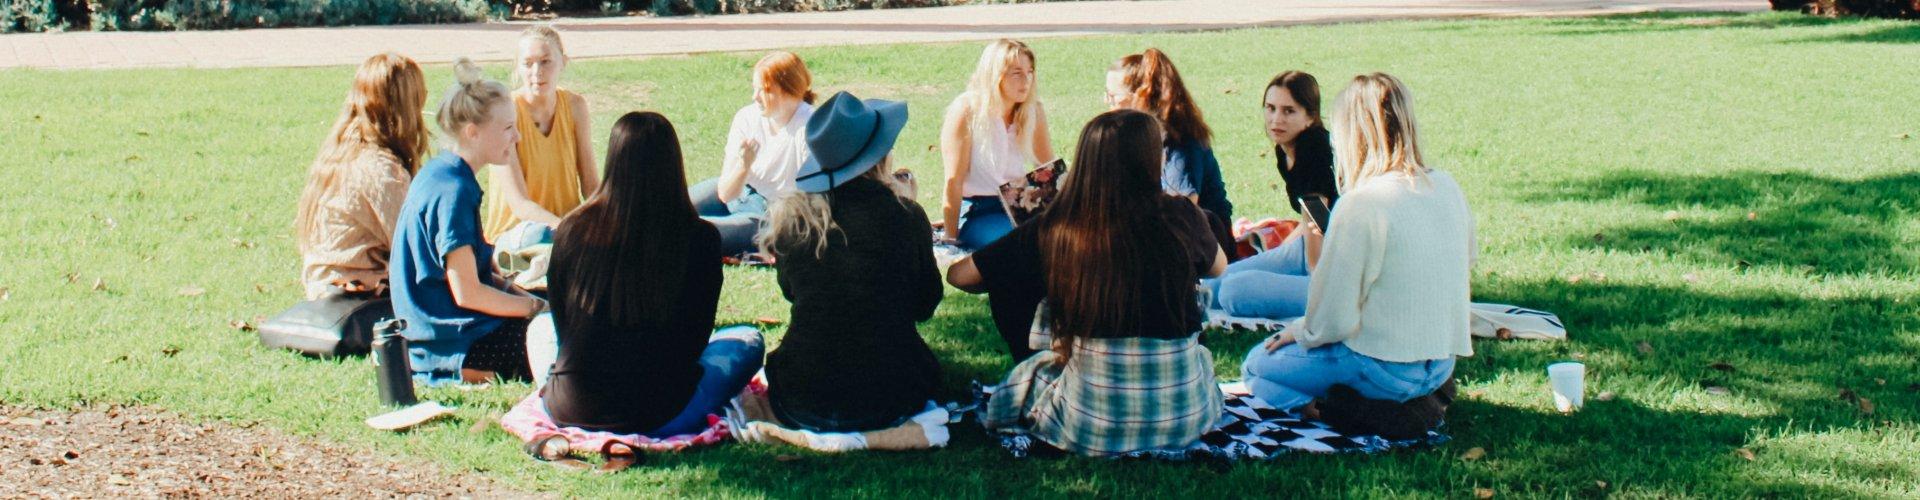 Leerlingen in een kring in het park